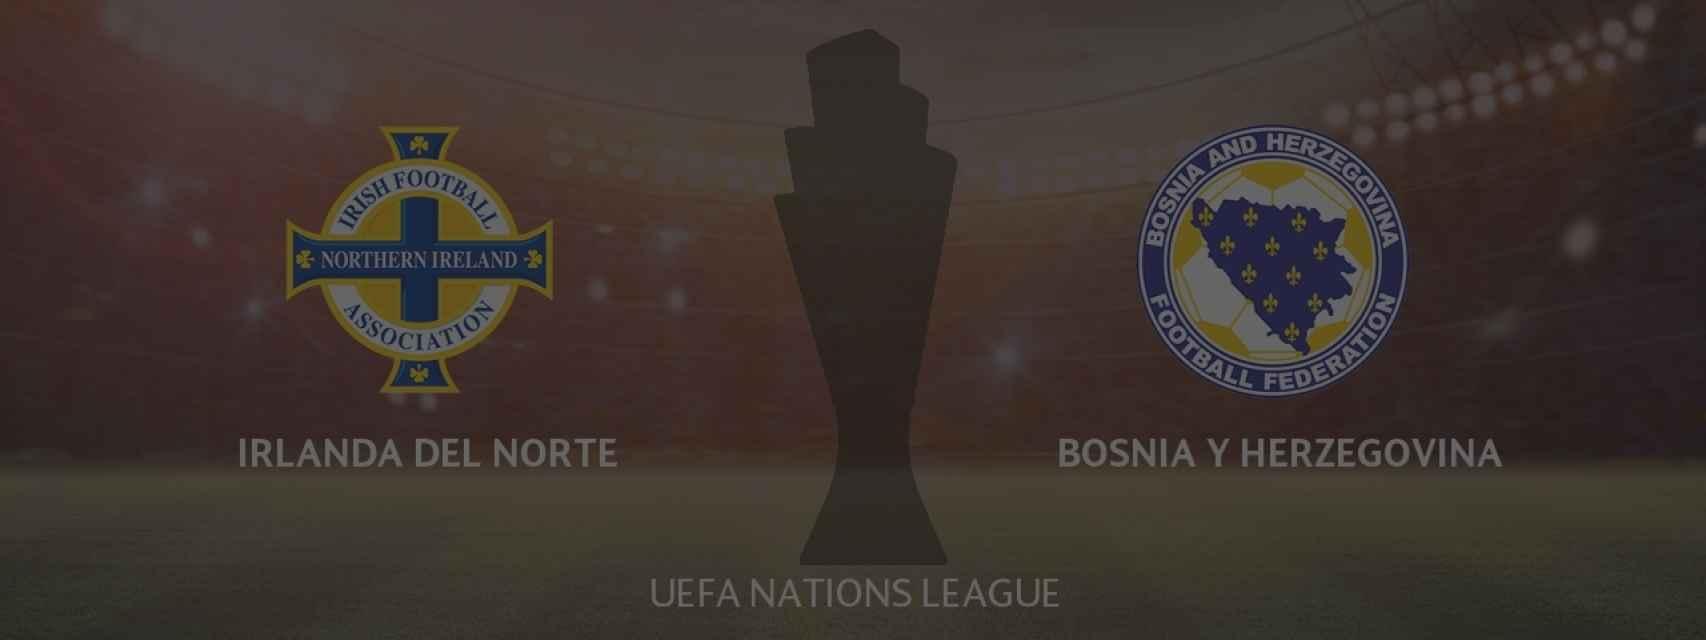 Irlanda del Norte - Bosnia Herzegovina, UEFA Nations League